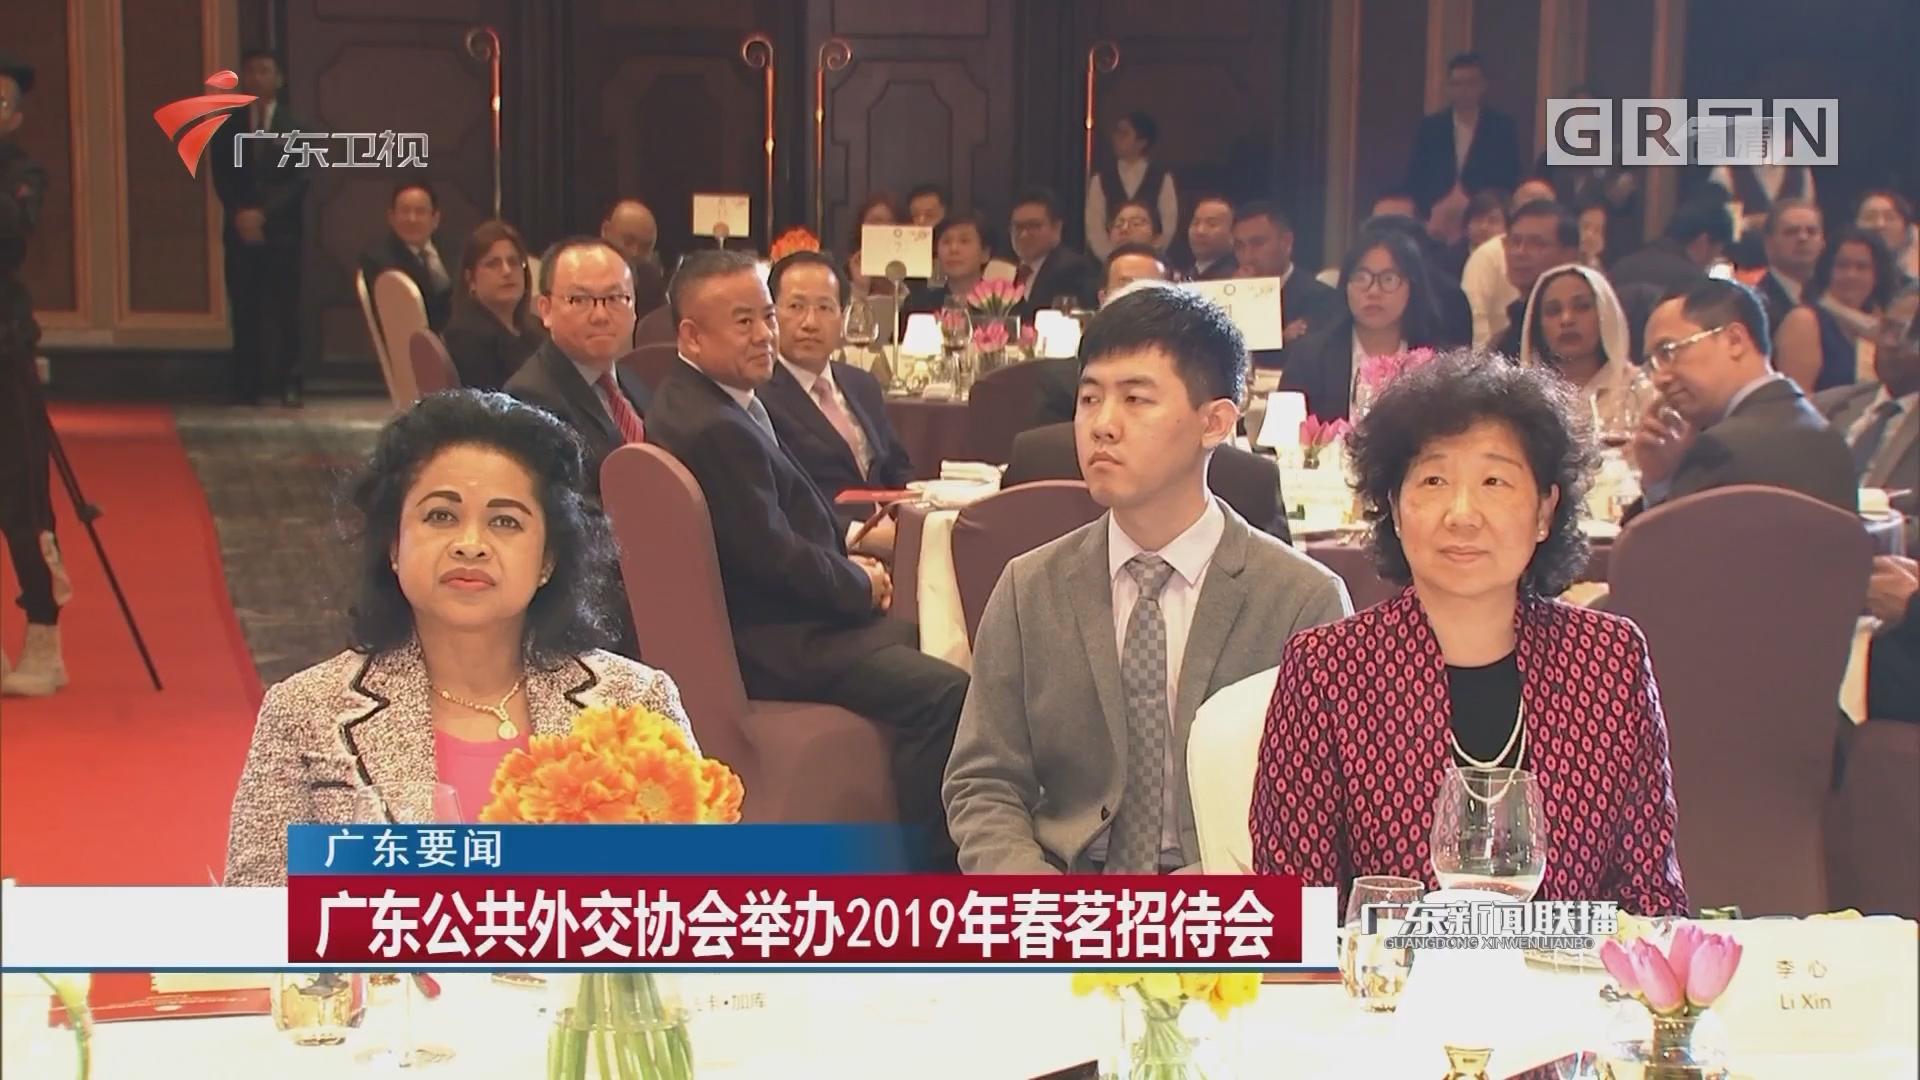 广东公共外交协会举办2019年春茗招待会